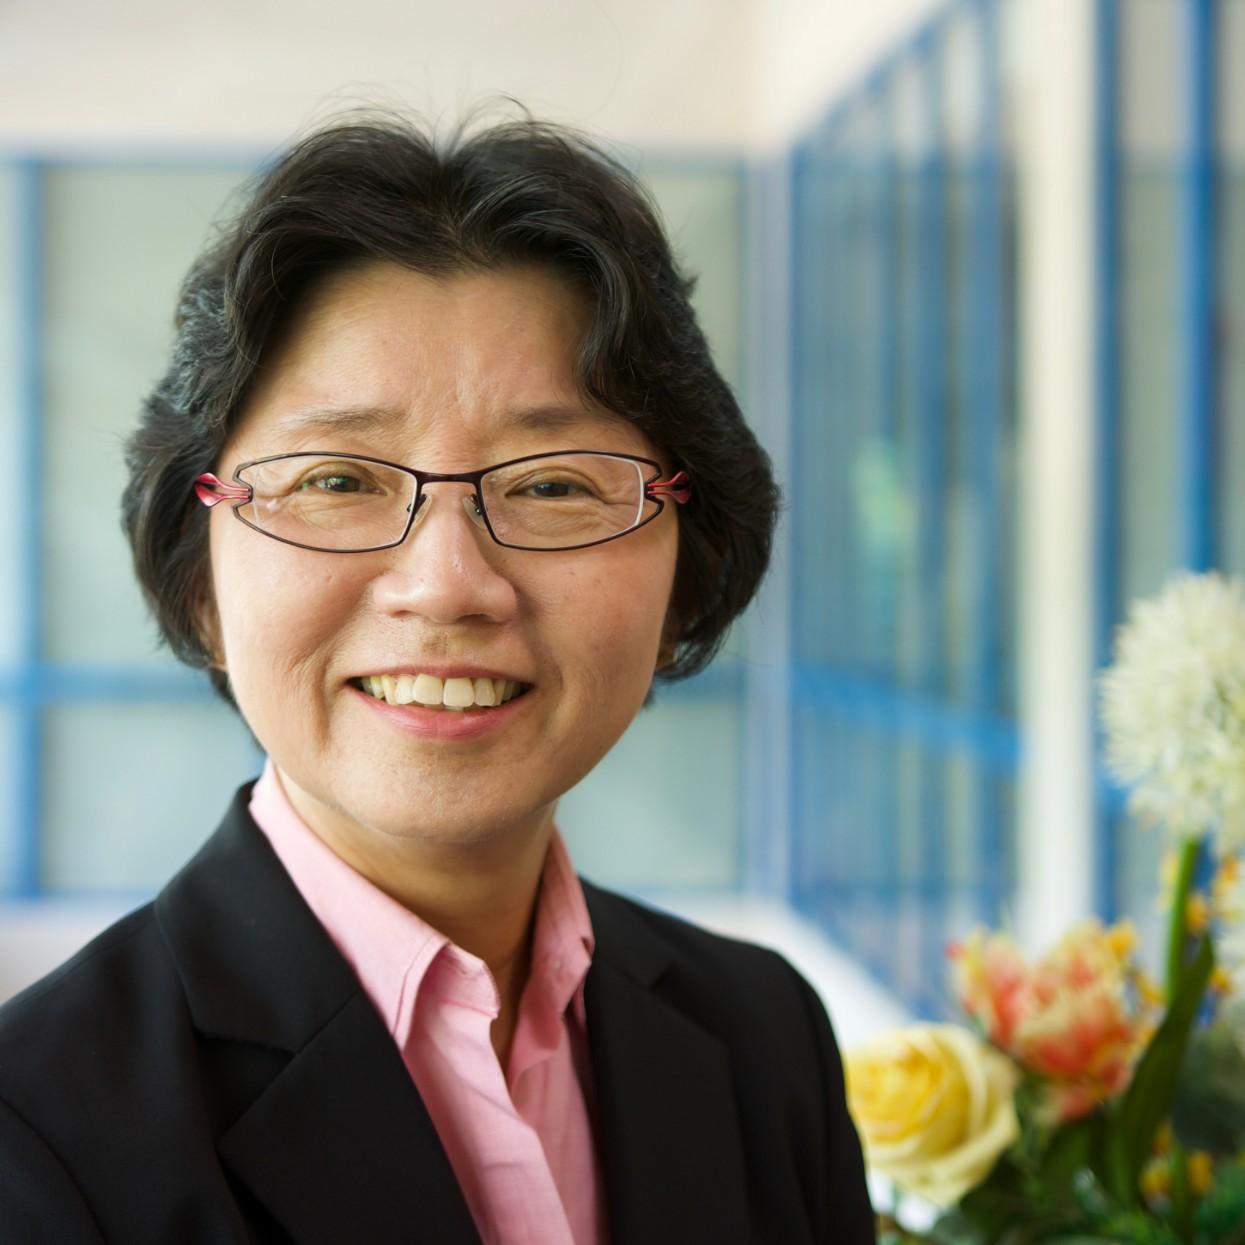 Lam Swee Sum Photo